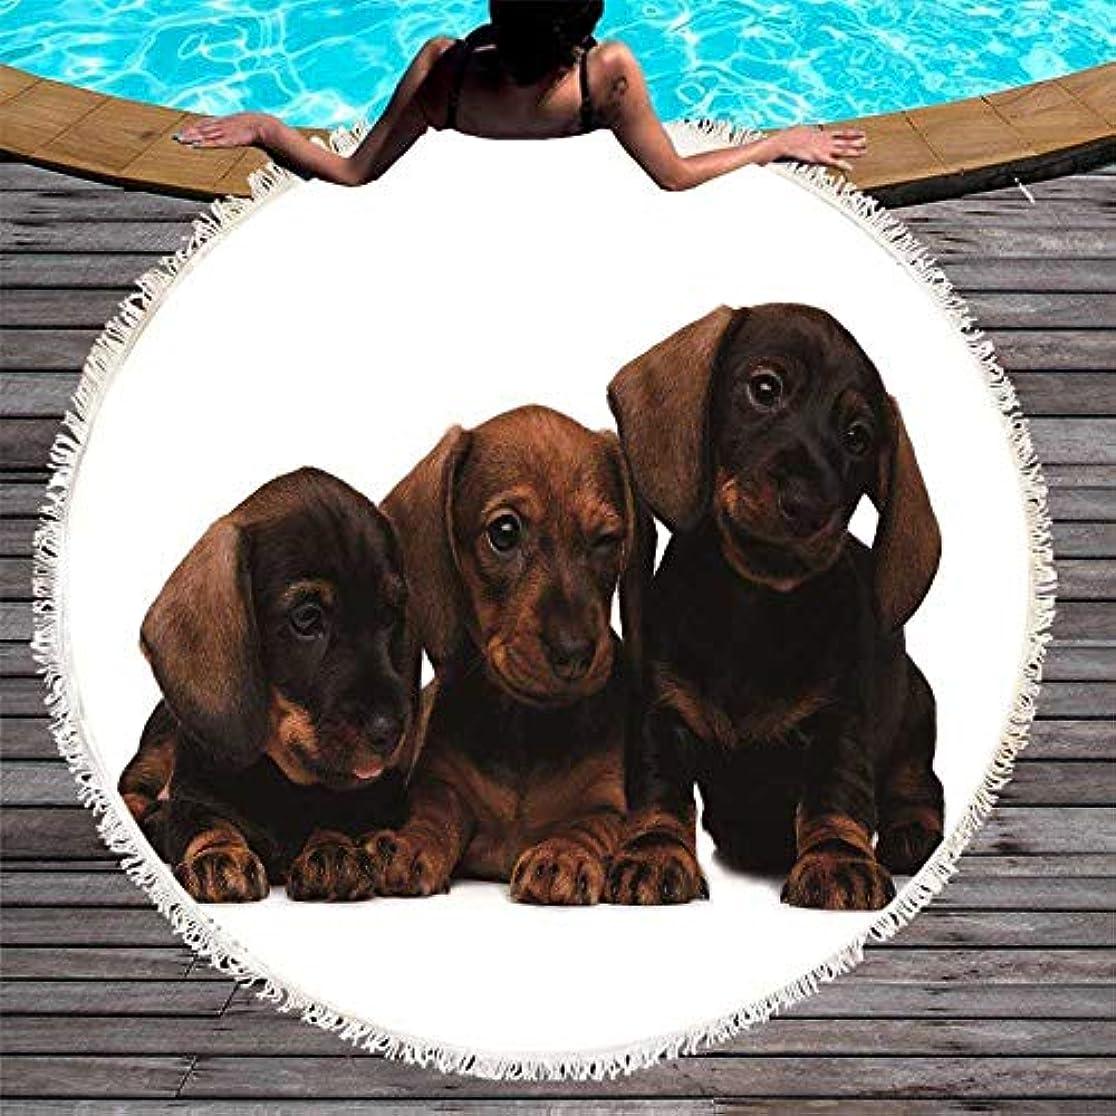 包括的伴う四面体犬ラウンドビーチタオルプリント猫とタッセルブランケットタイガーマイクロファイバーピクニックラージマット150 cm (色 : 2, サイズ : 150CM)